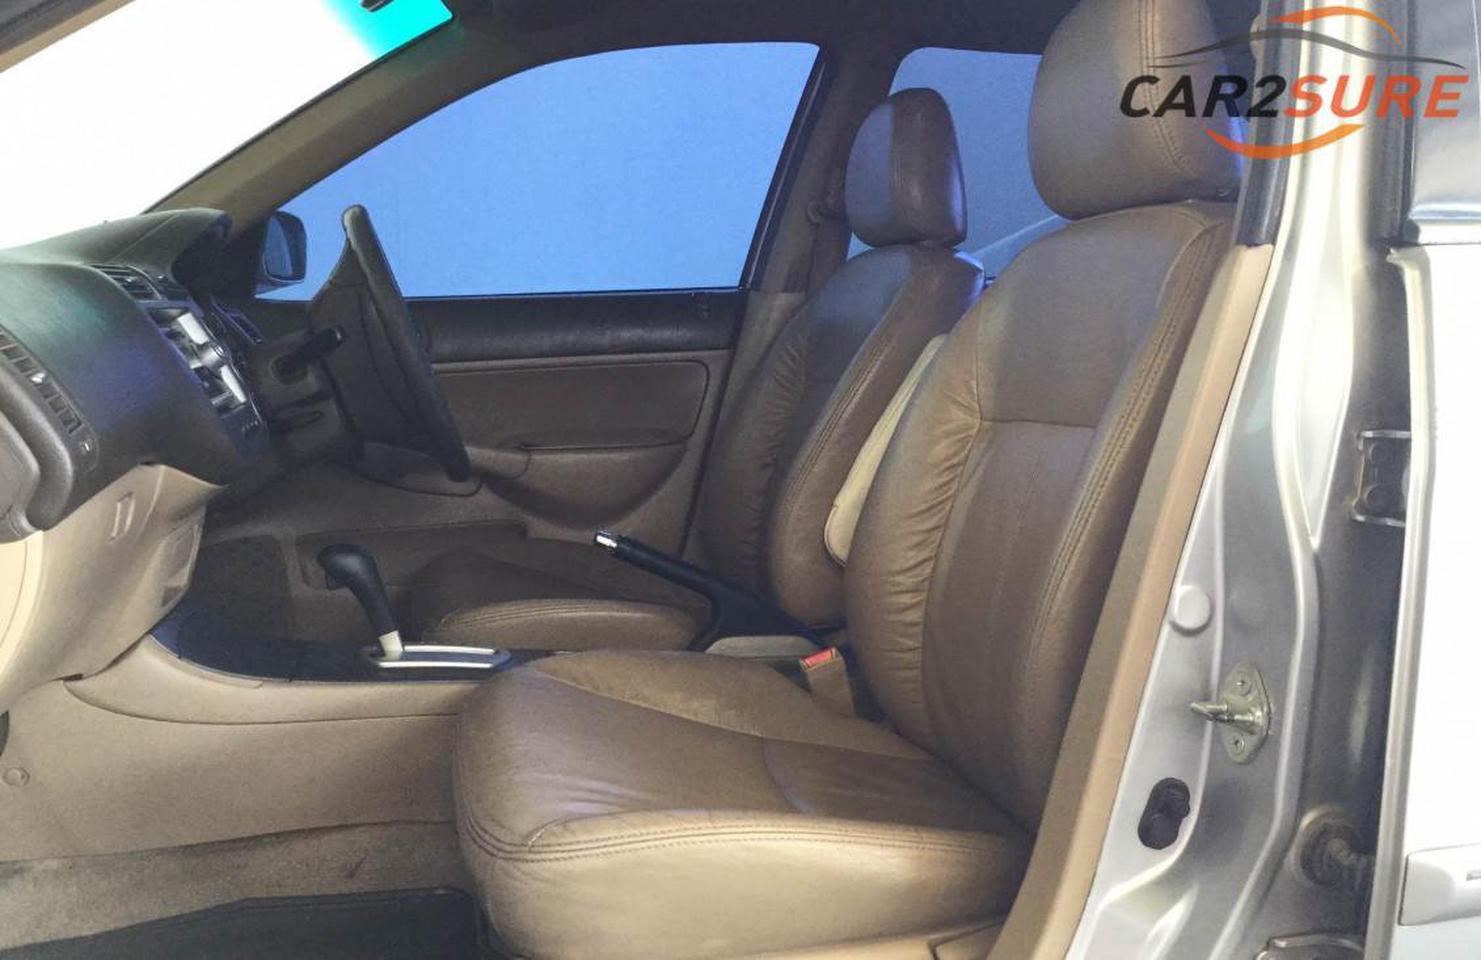 Honda civic car2sure.5) รูปที่ 6